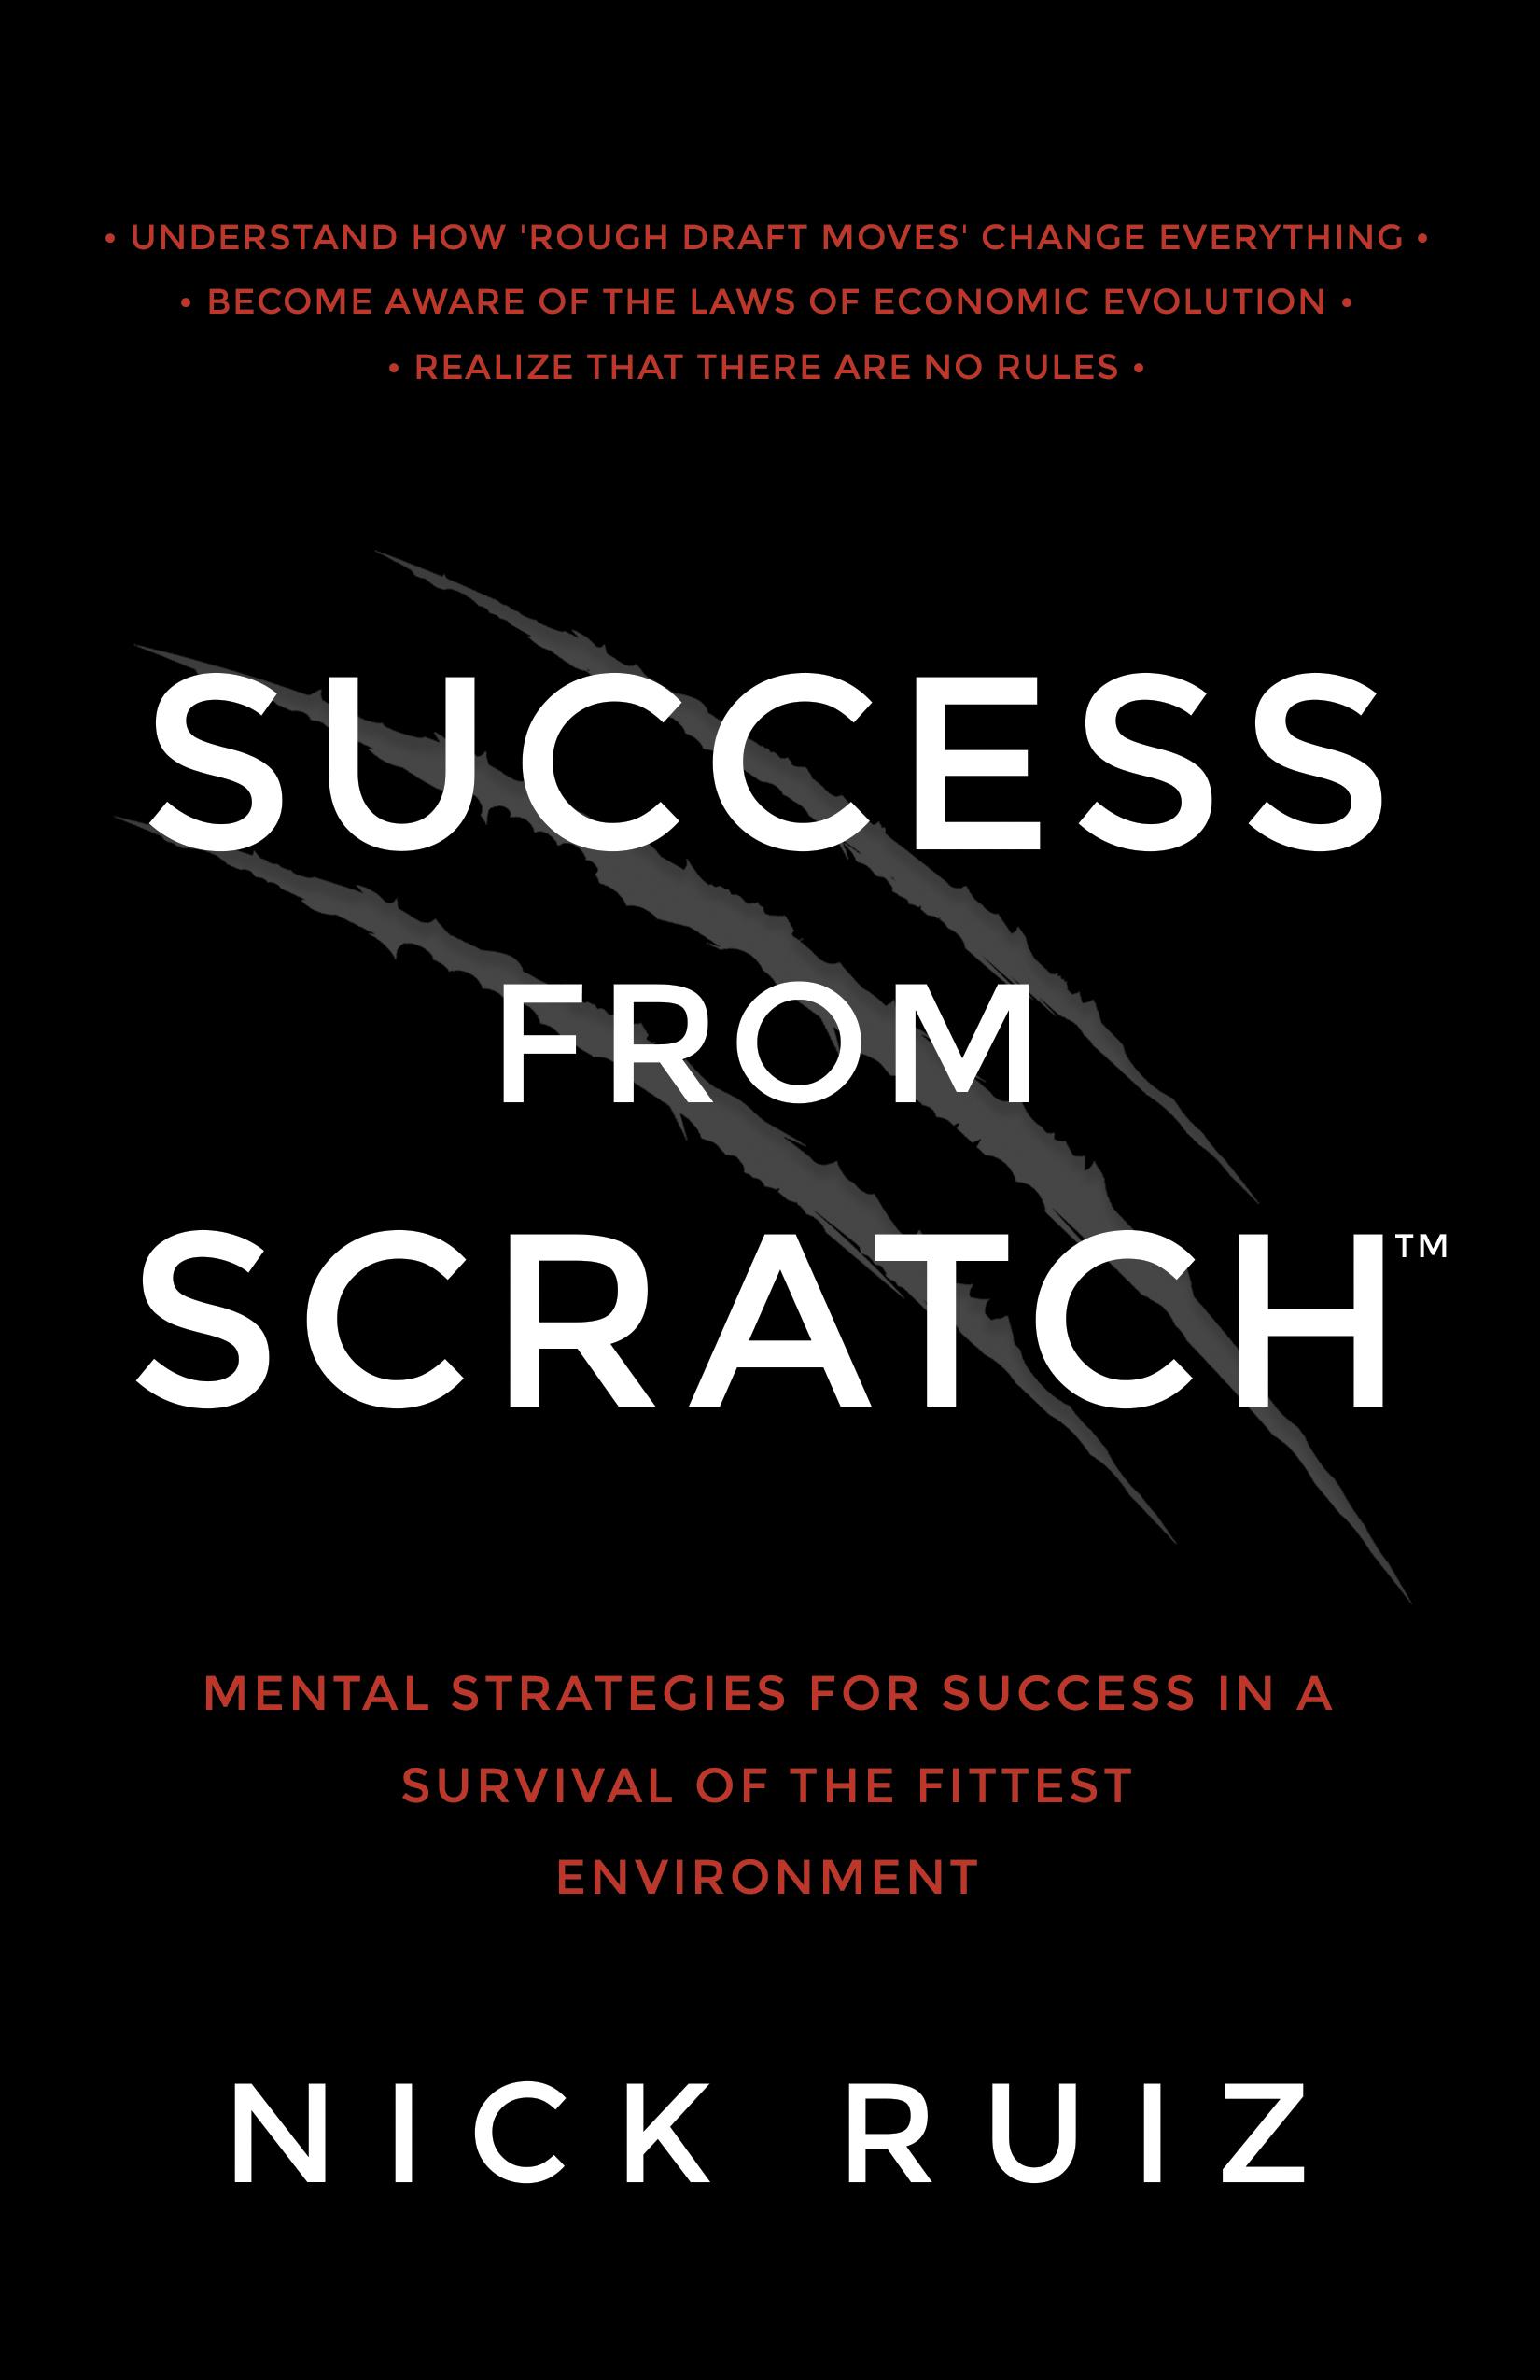 Success from Scratch - Nick Ruiz